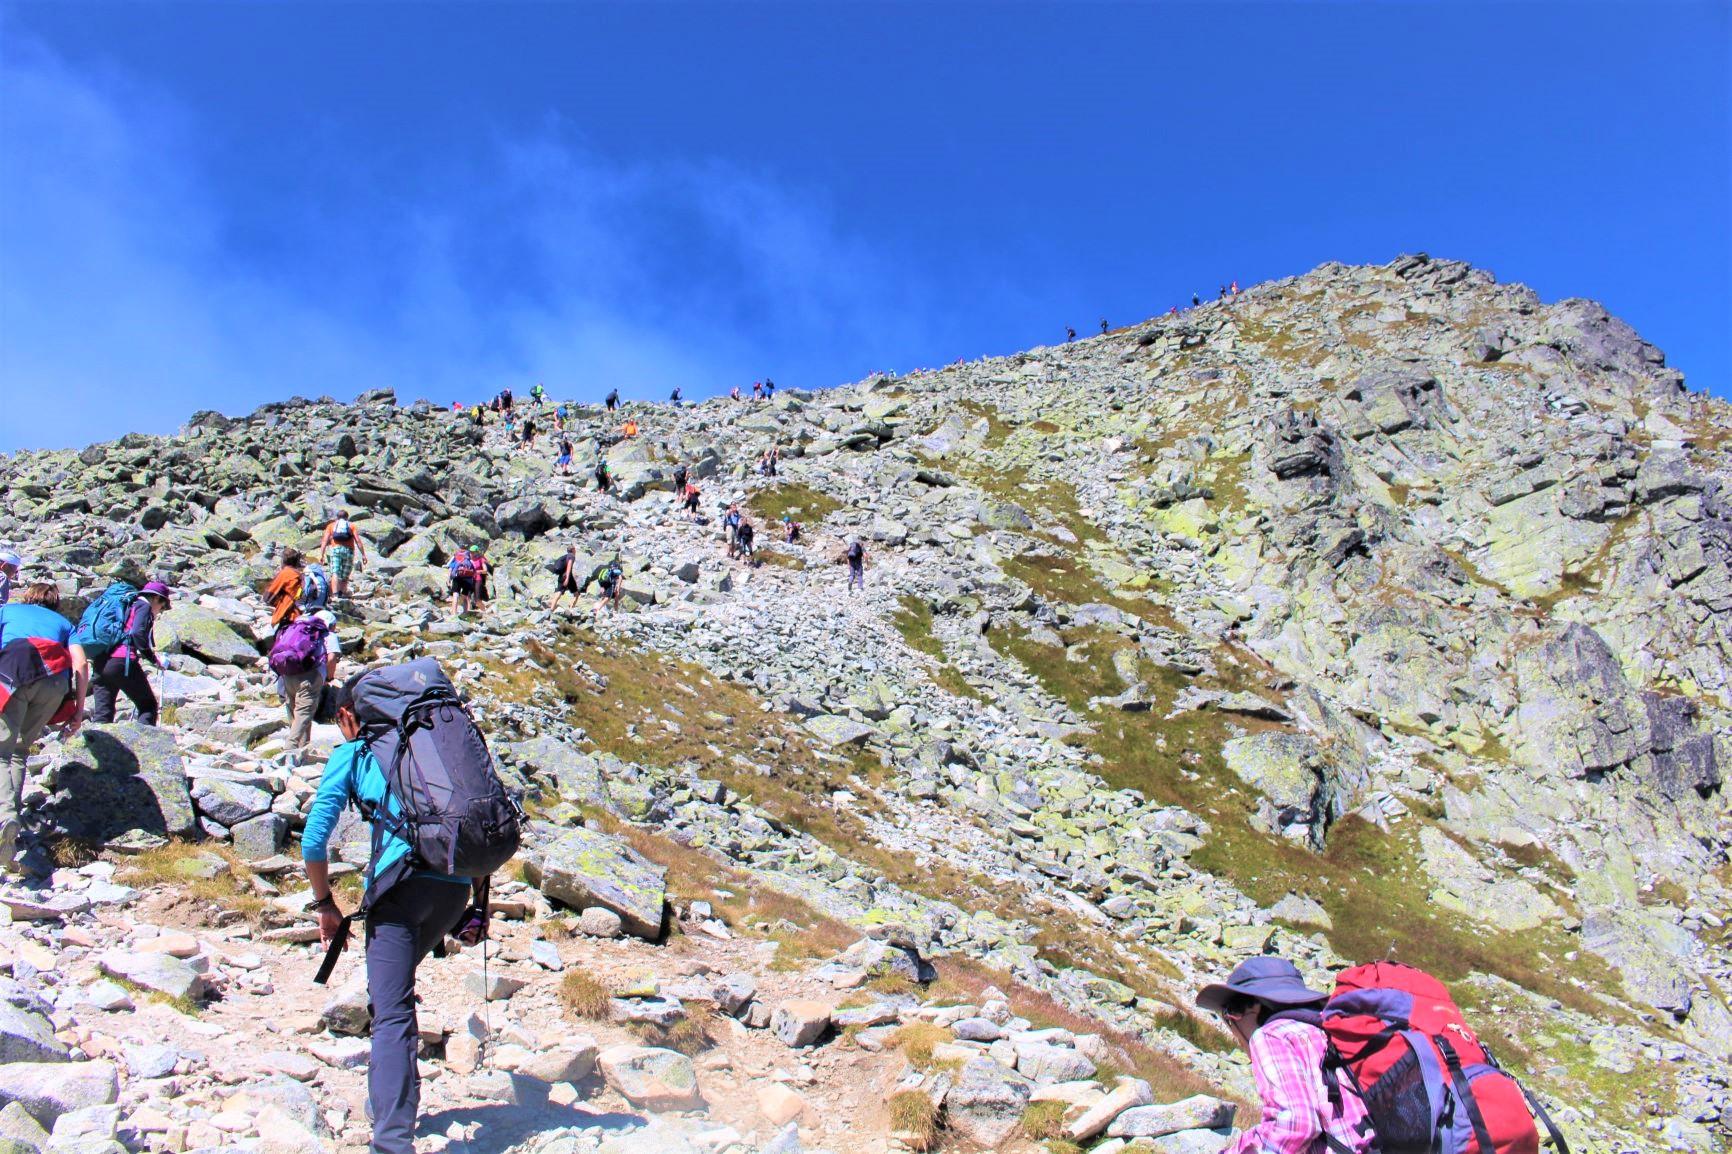 【催行間近・大募集中】8月18日出発 ポーランド最高峰リシィ山登頂と世界遺産ワルシャワ、クラクフ 9日間